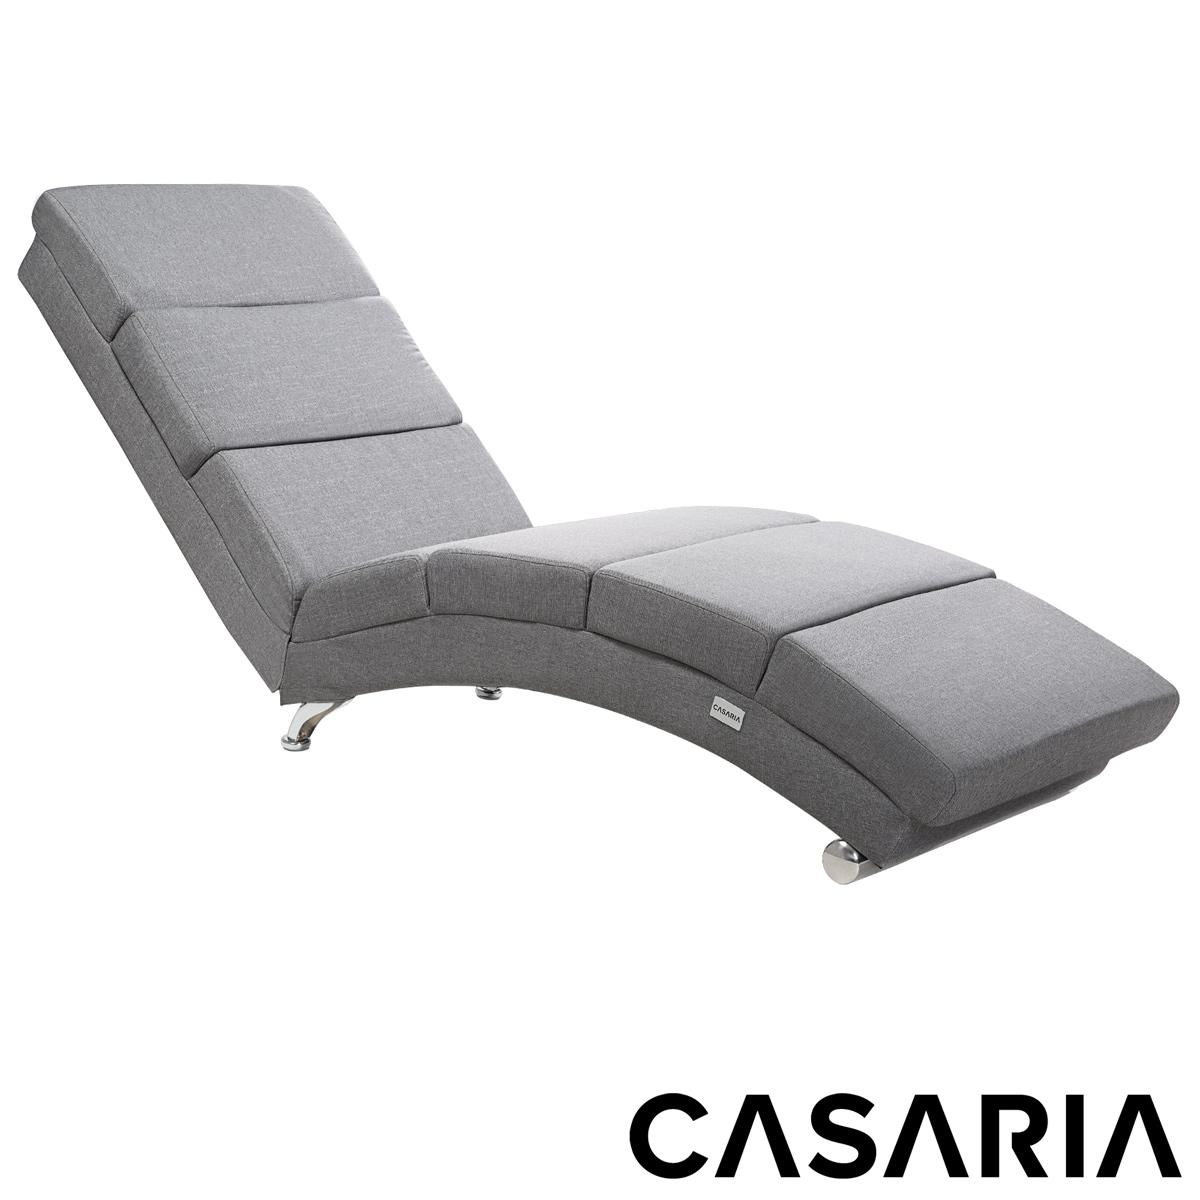 Full Size of Casaria Relaxliege Liegestuhl Liegesessel Massageliege Wohnzimmer Sonnenschutz Für Fenster Schwimmingpool Den Garten Fliegengitter Vorhänge Beleuchtung Wohnzimmer Liegestuhl Für Wohnzimmer